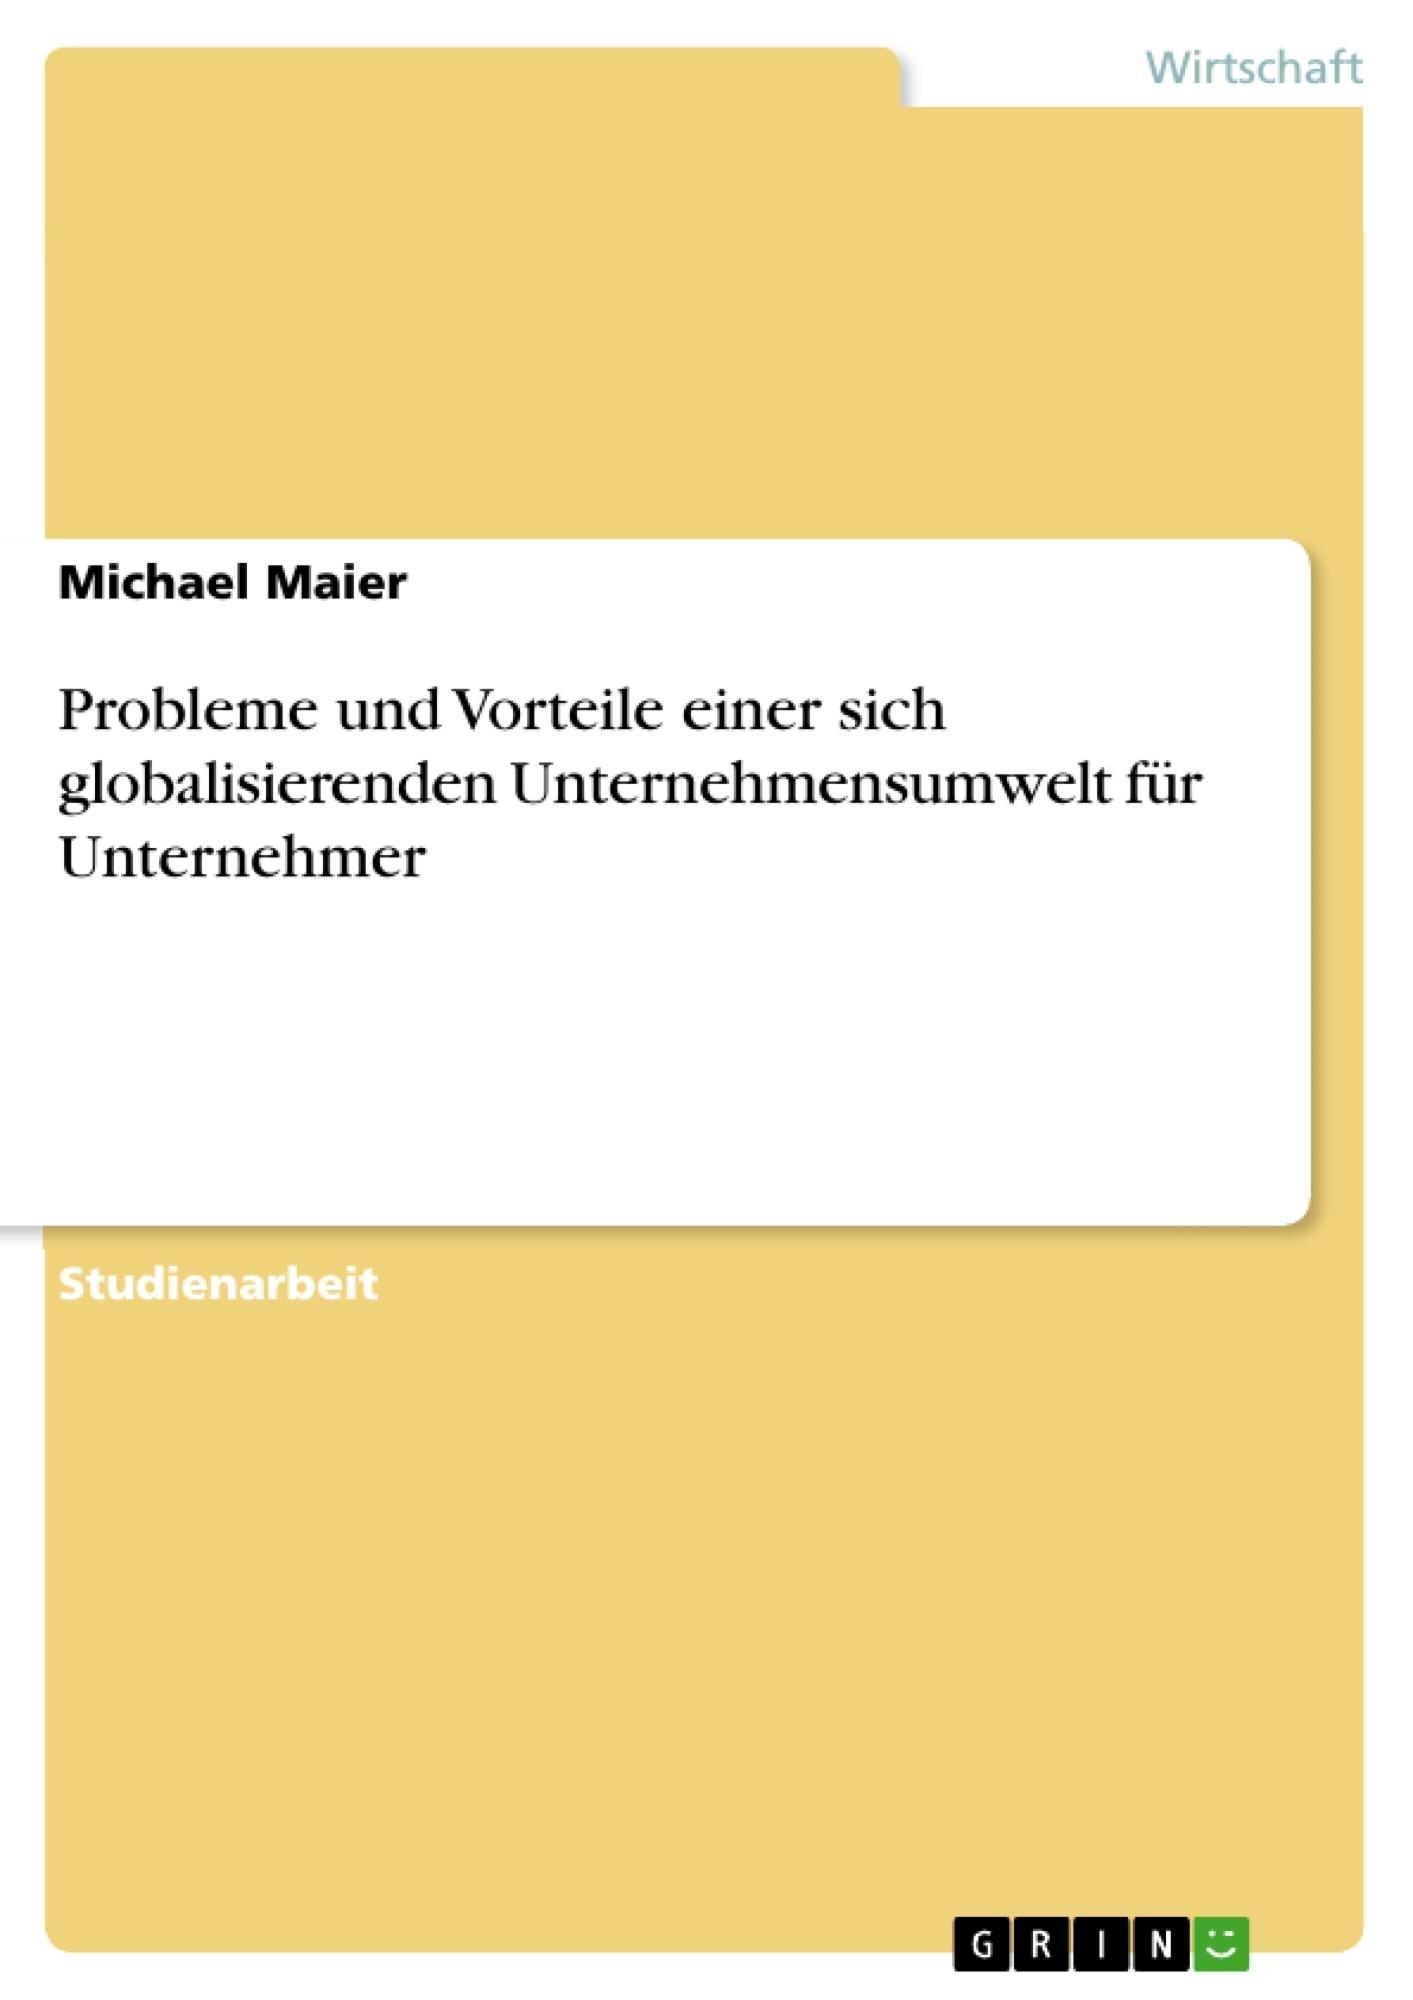 Titel: Probleme und Vorteile einer sich globalisierenden Unternehmensumwelt für Unternehmer